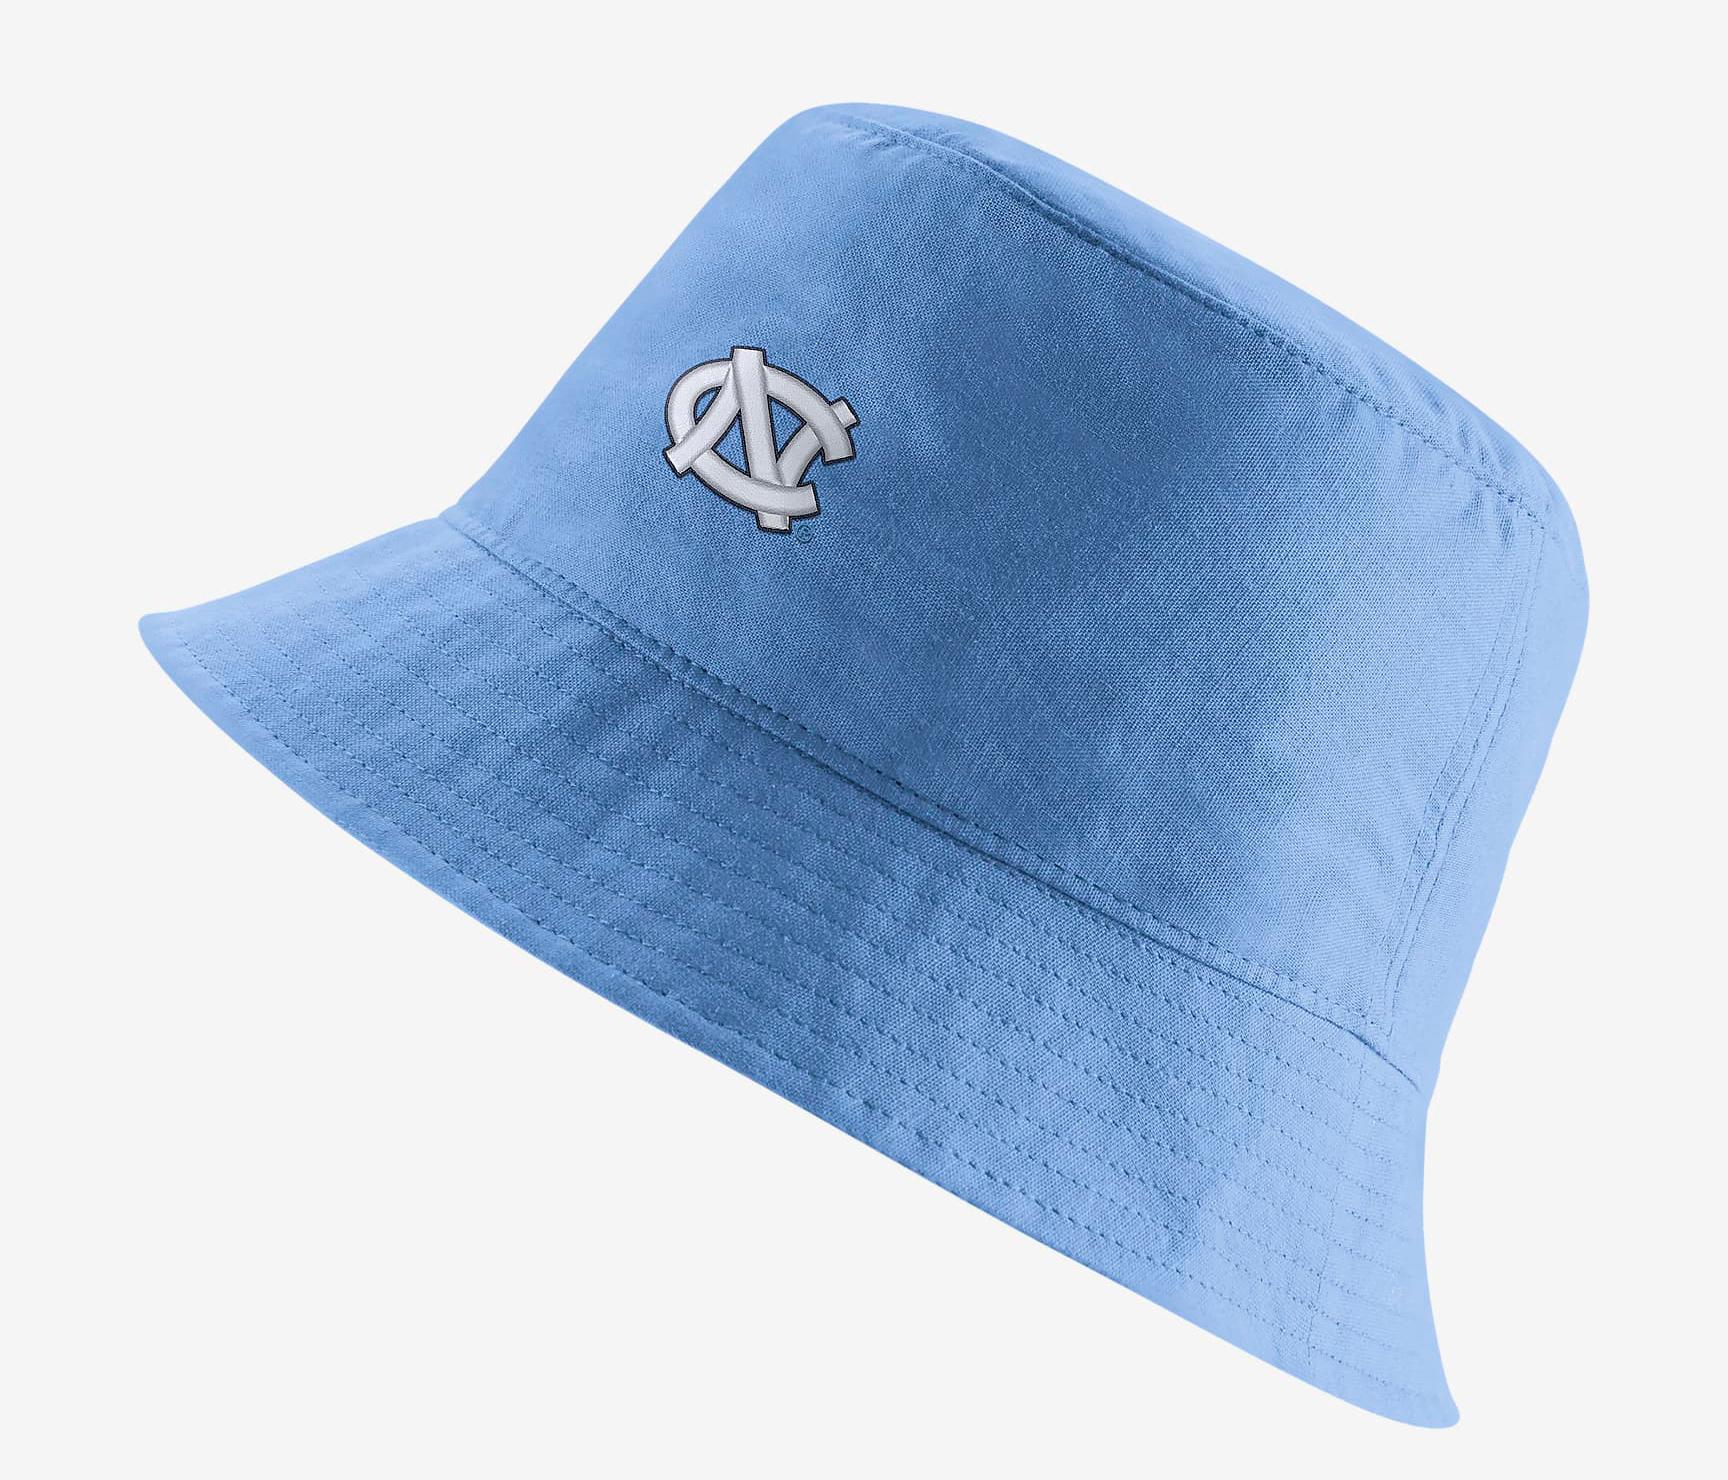 nike-unc-tar-heels-bucket-hat-1